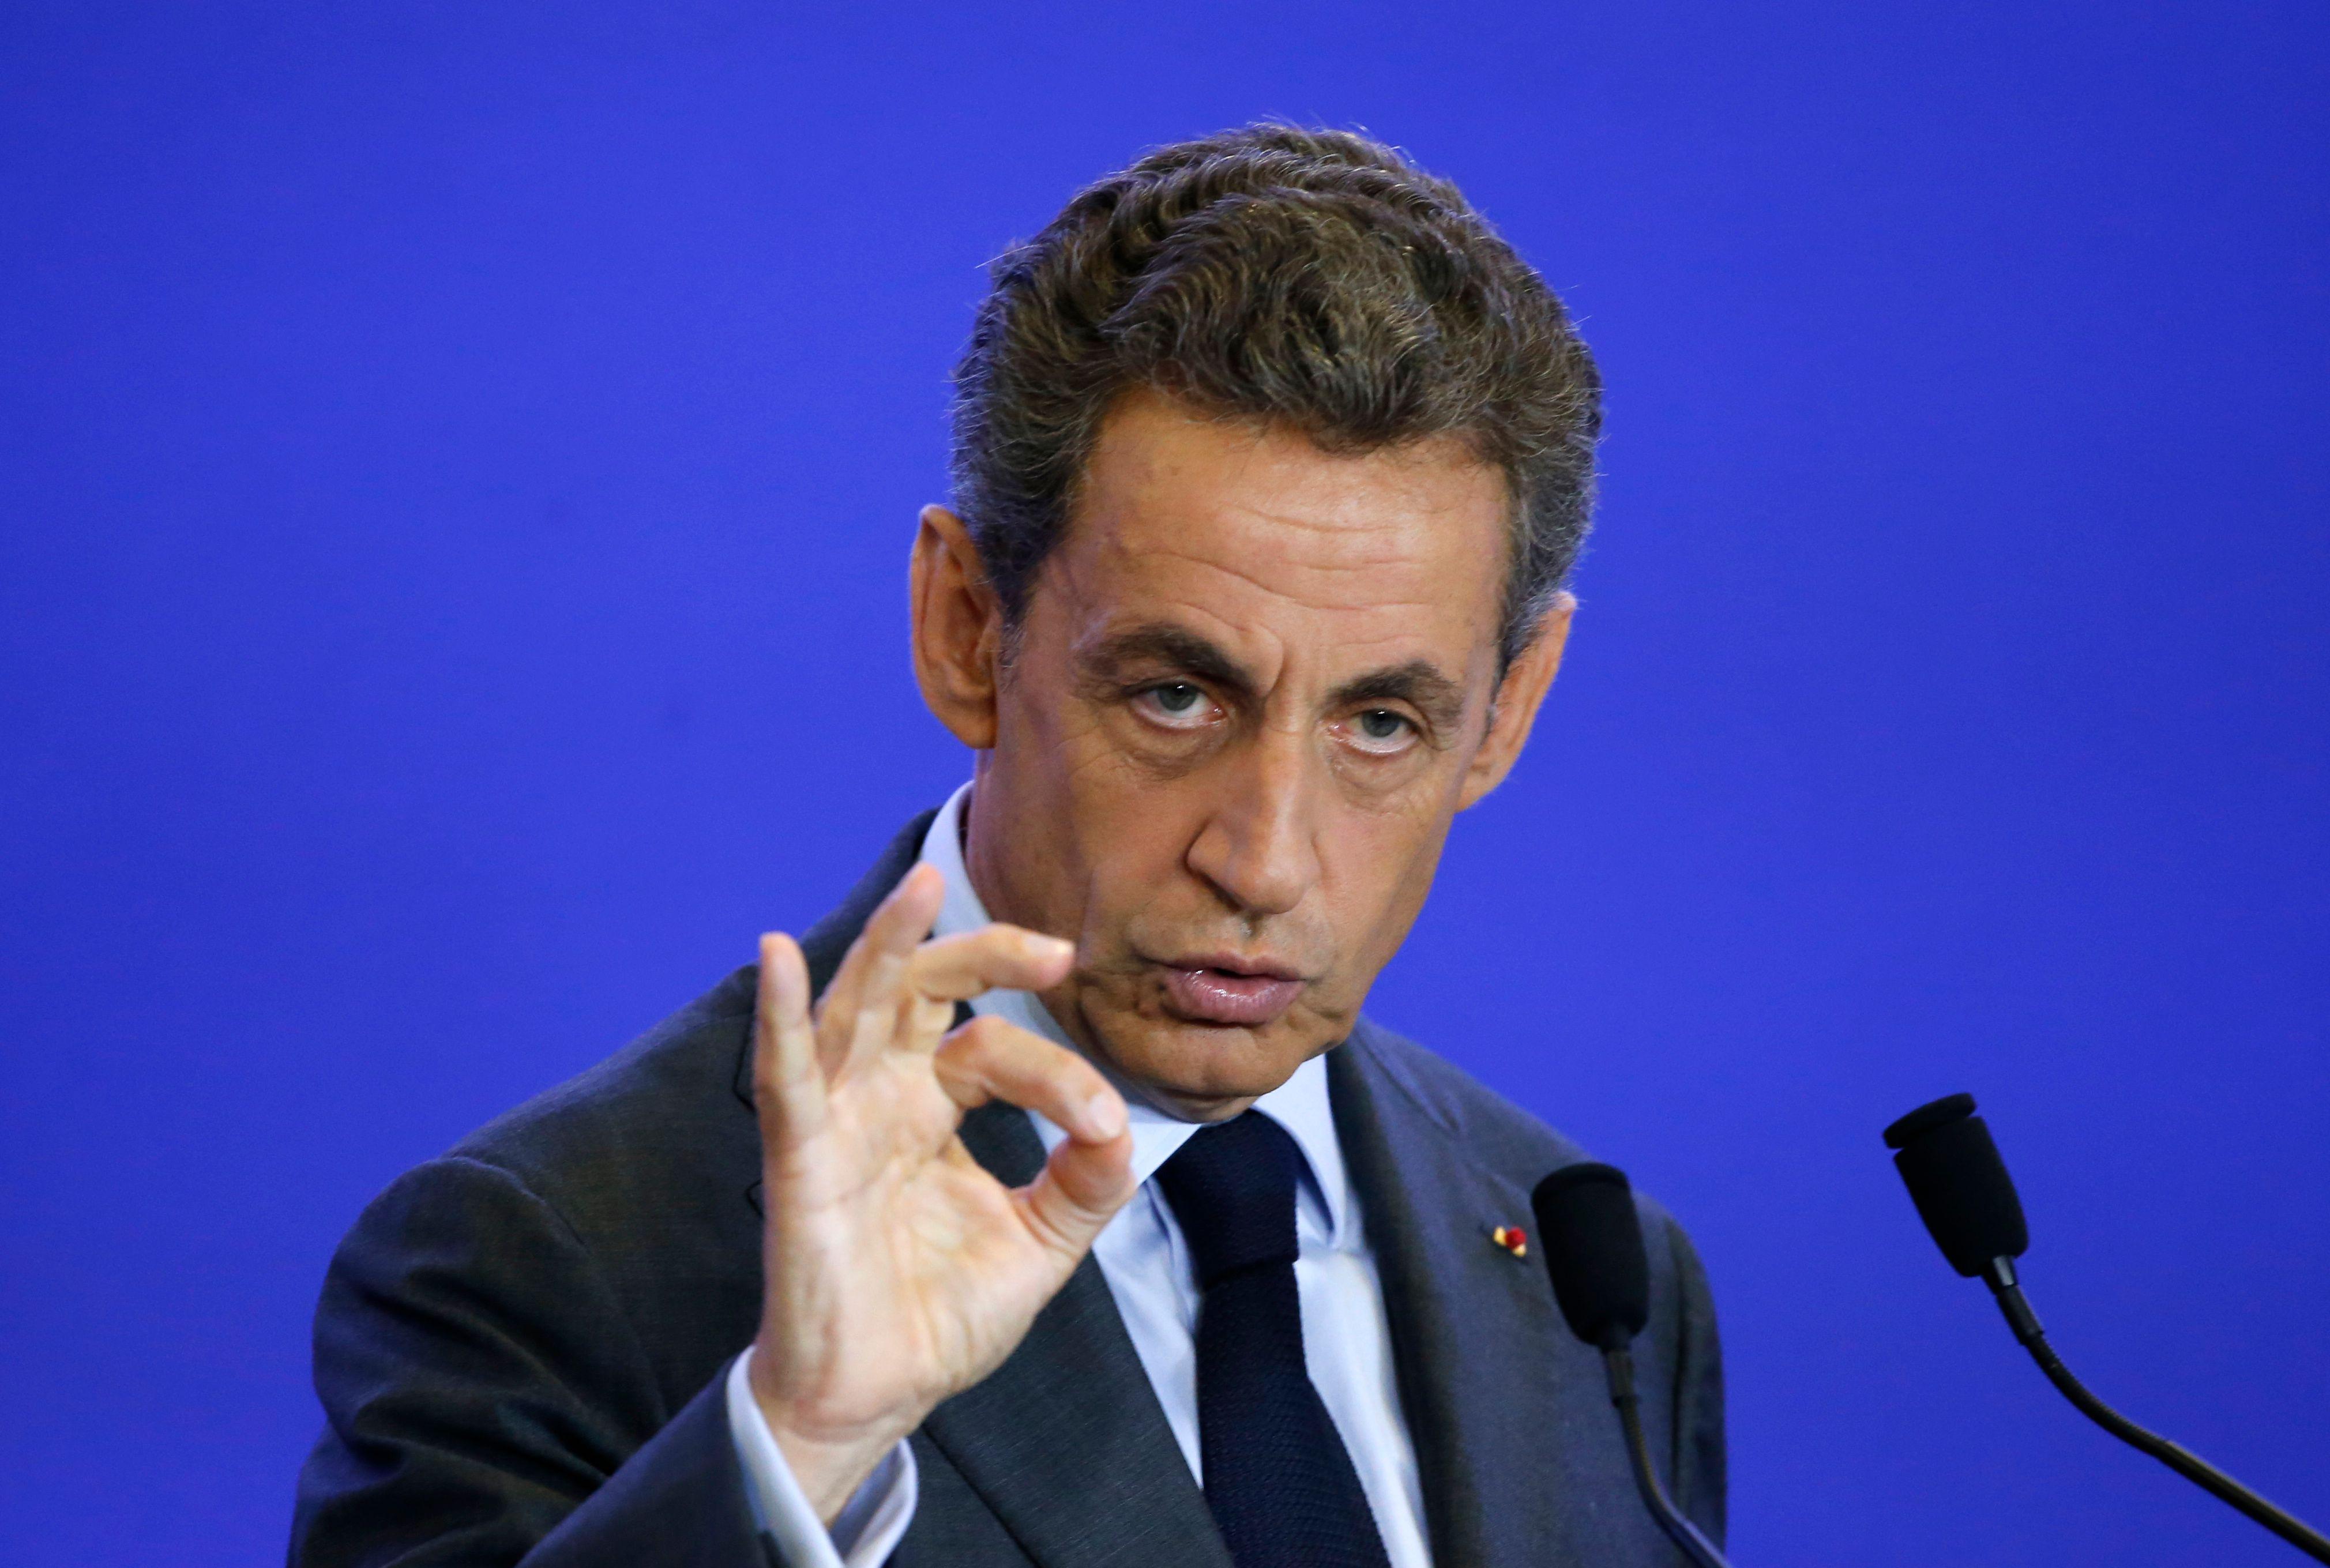 De la Russie à l'autorité de l'Etat, Sarkozy est-il en train de retrouver sa capacité à imposer le tempo du débat politique ?